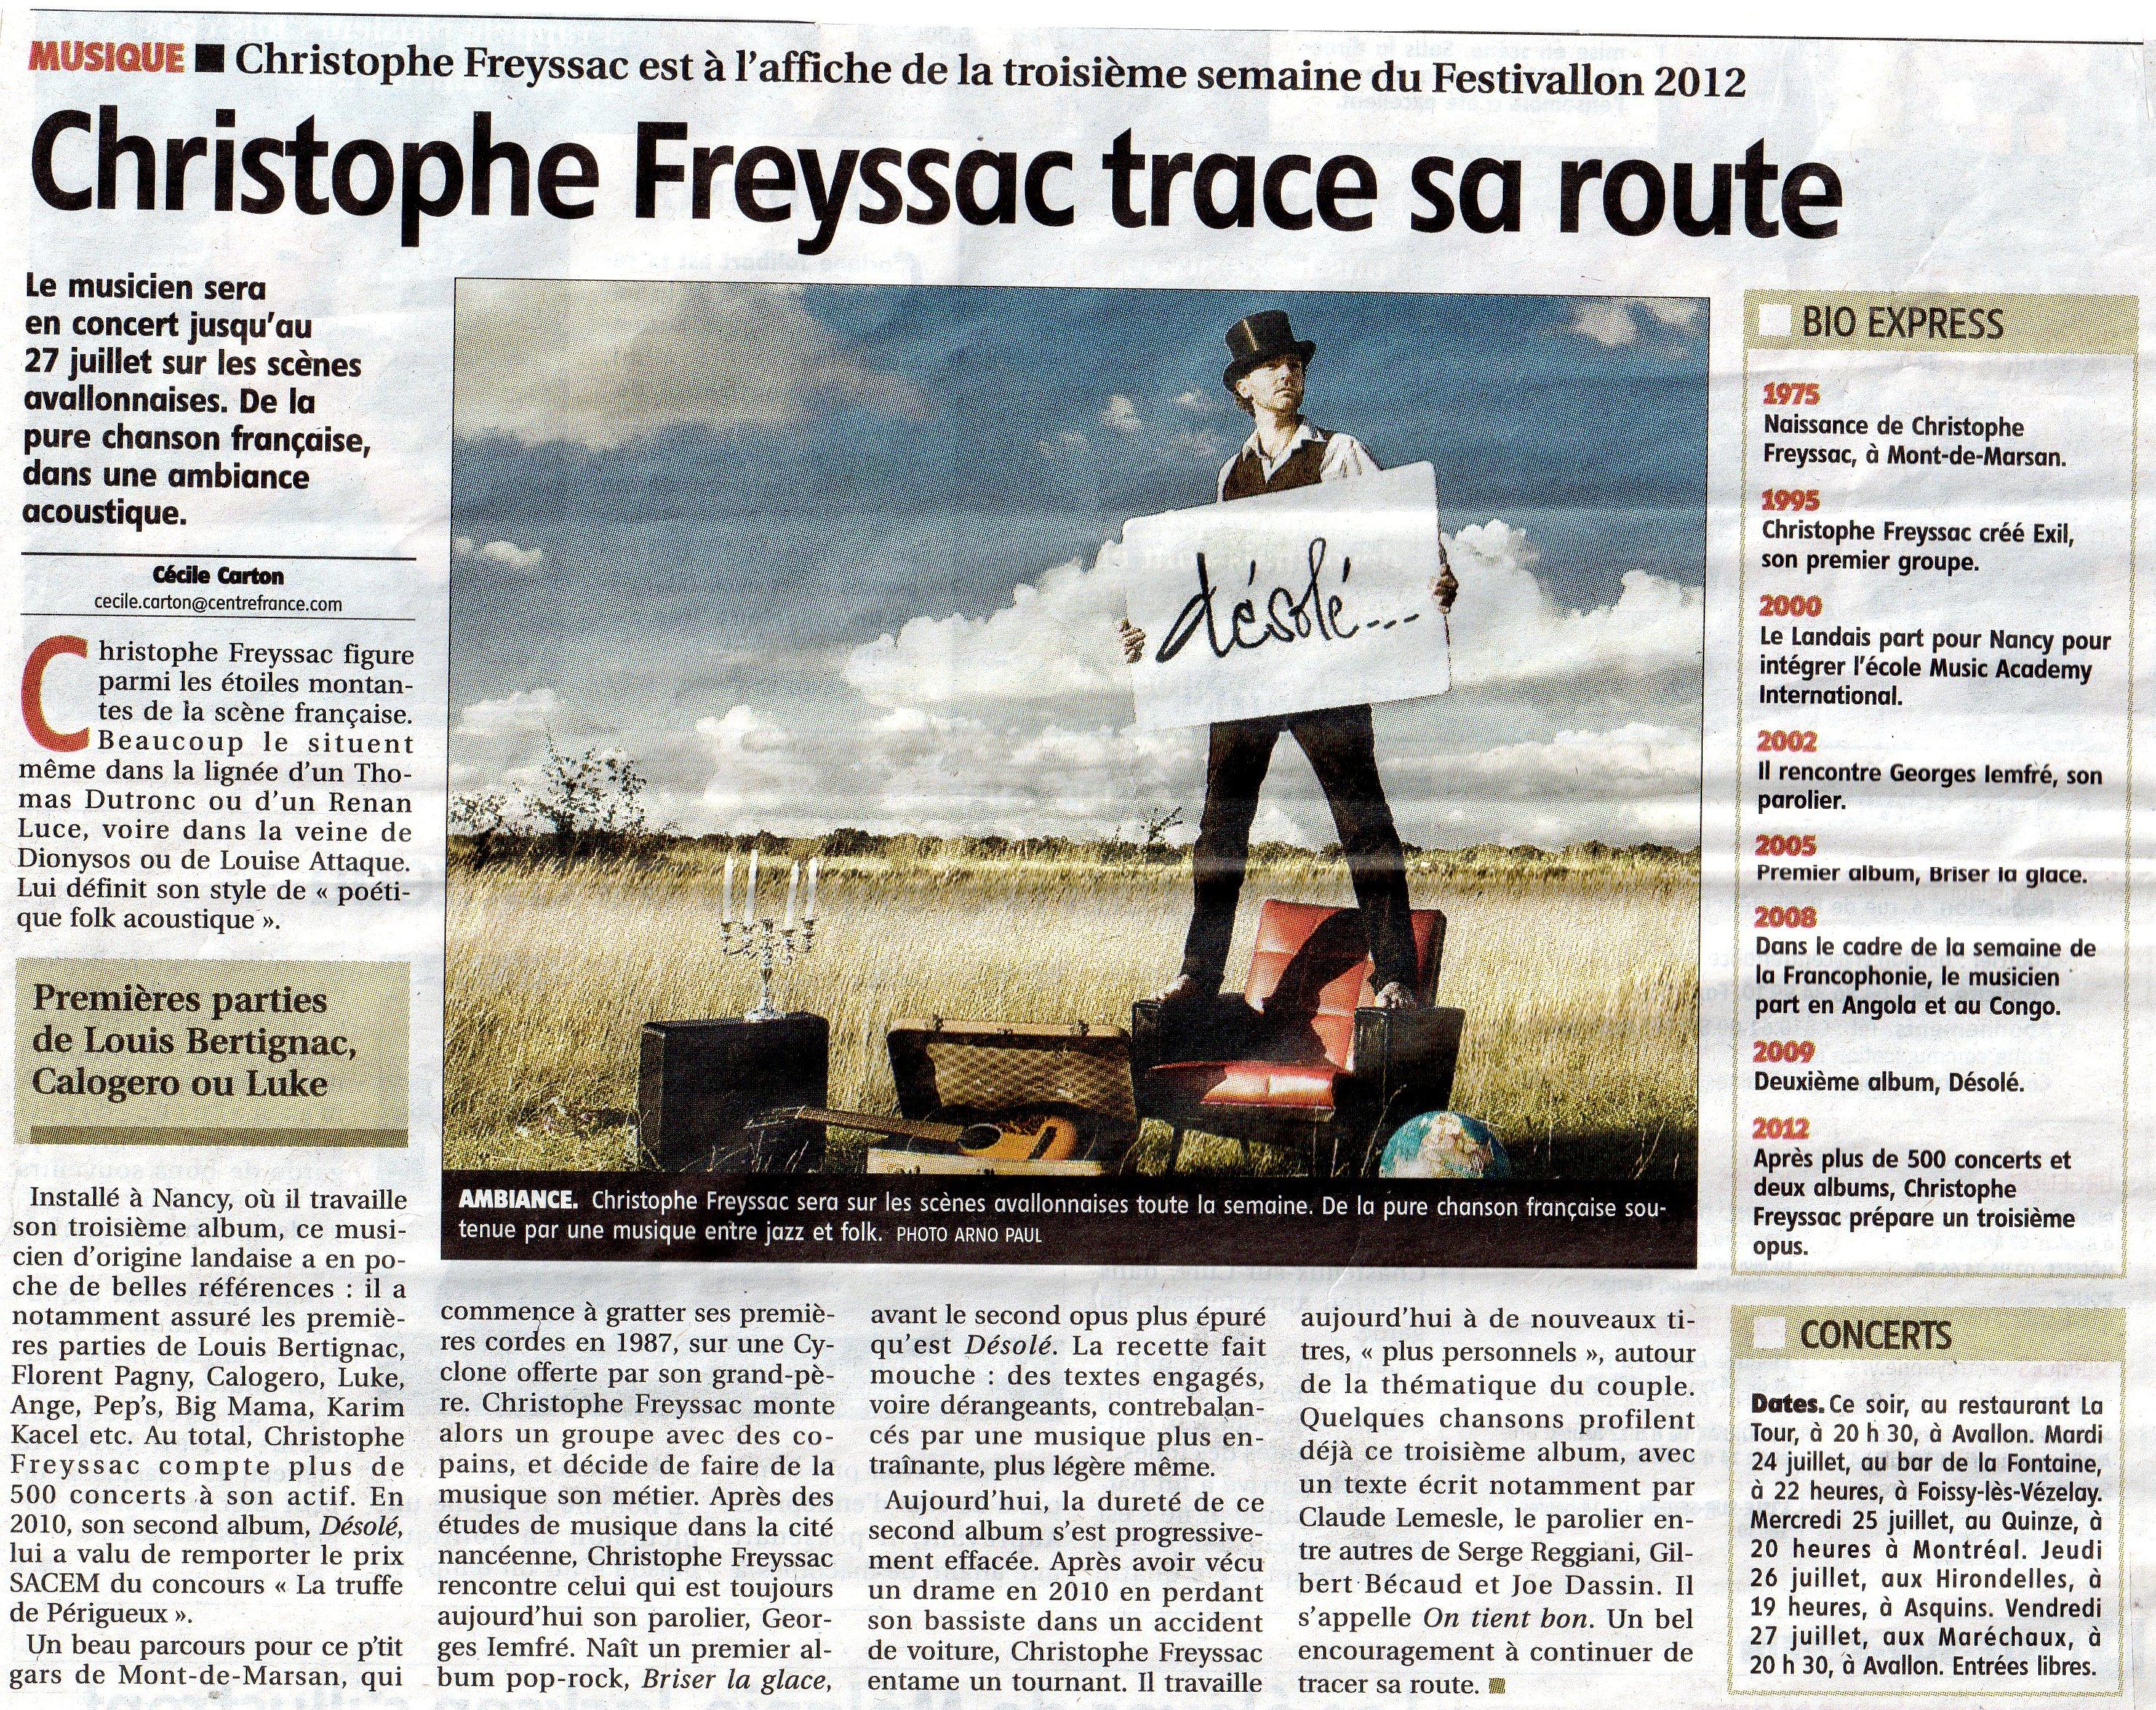 Christophe FREYSSAC trace sa route